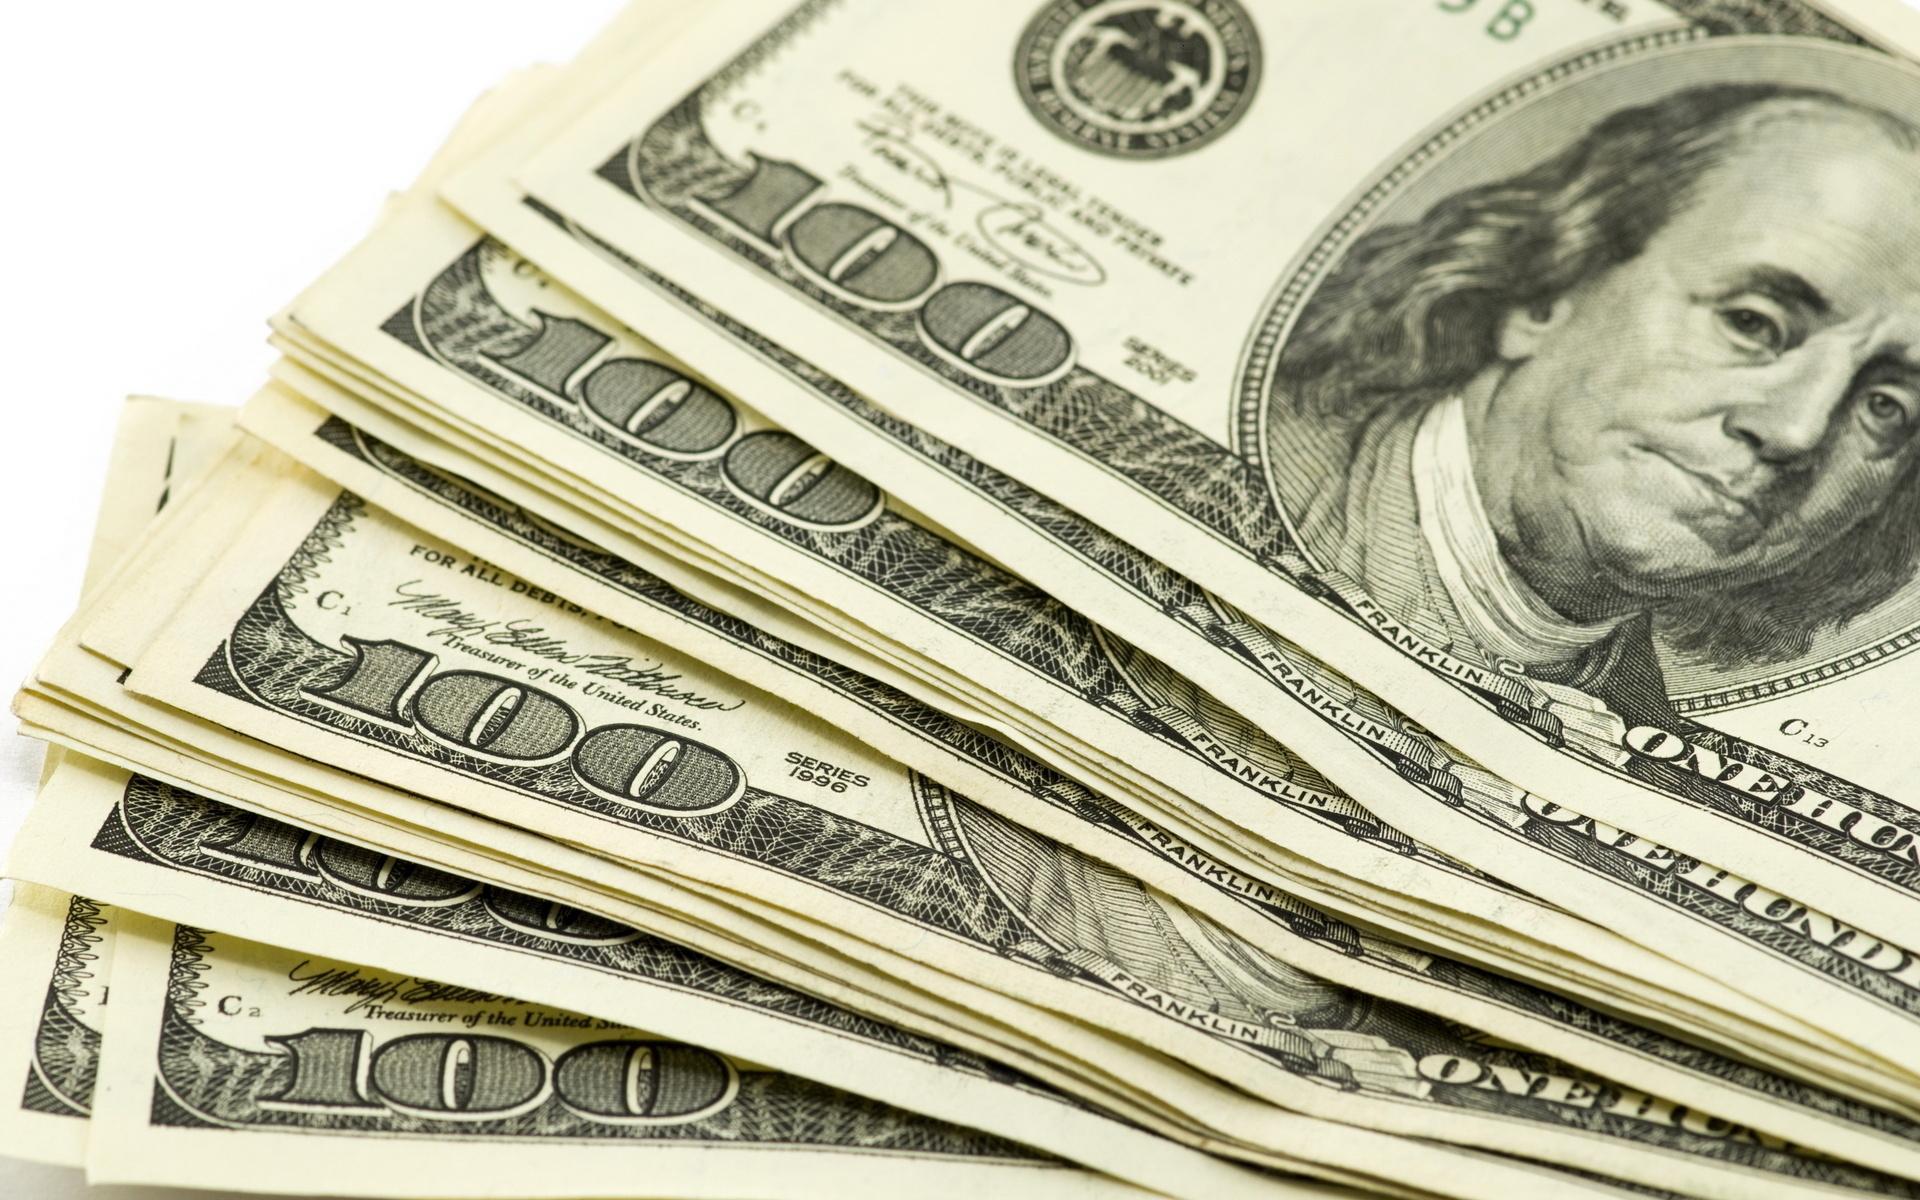 دونرخی بودن ارز،  موجب فساد است/  نرخ دوگانه ارز یعنی ذبح تولید داخلی پای واردات غیرضروری